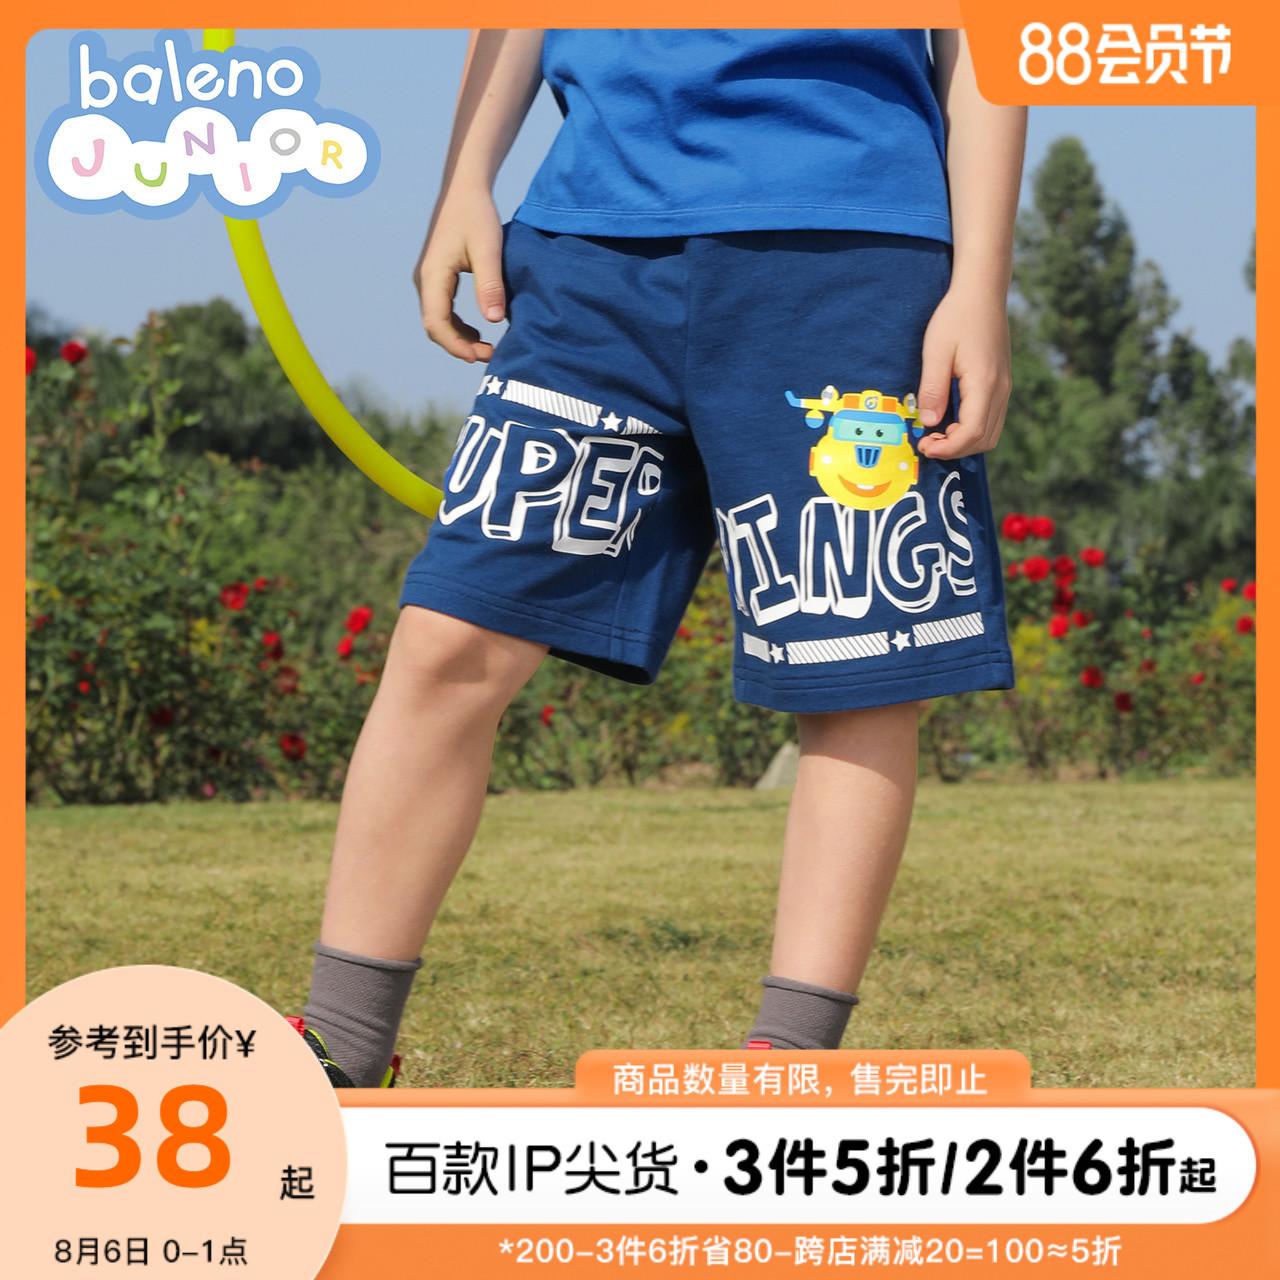 [超级飞侠IP]班尼路童装夏季印花男童短裤纯棉儿童帅气五分裤外穿